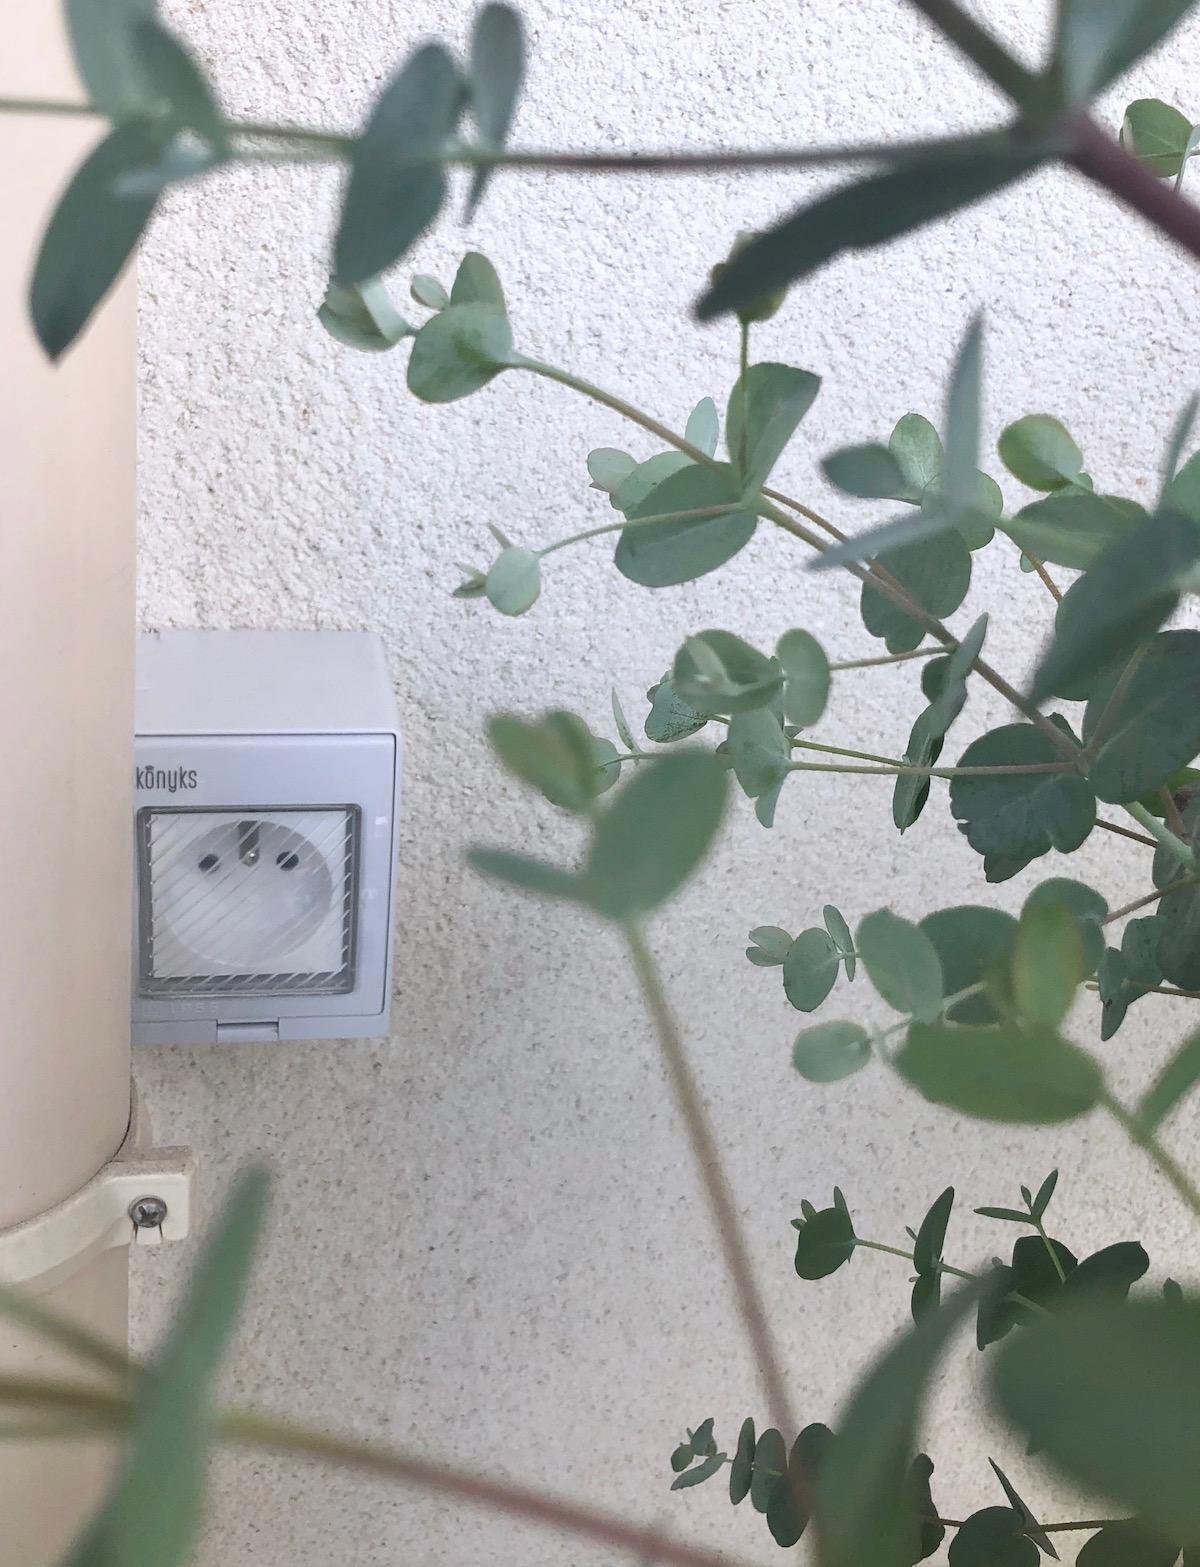 prise connectée extérieure konyks pluviose avis - clem around the corner